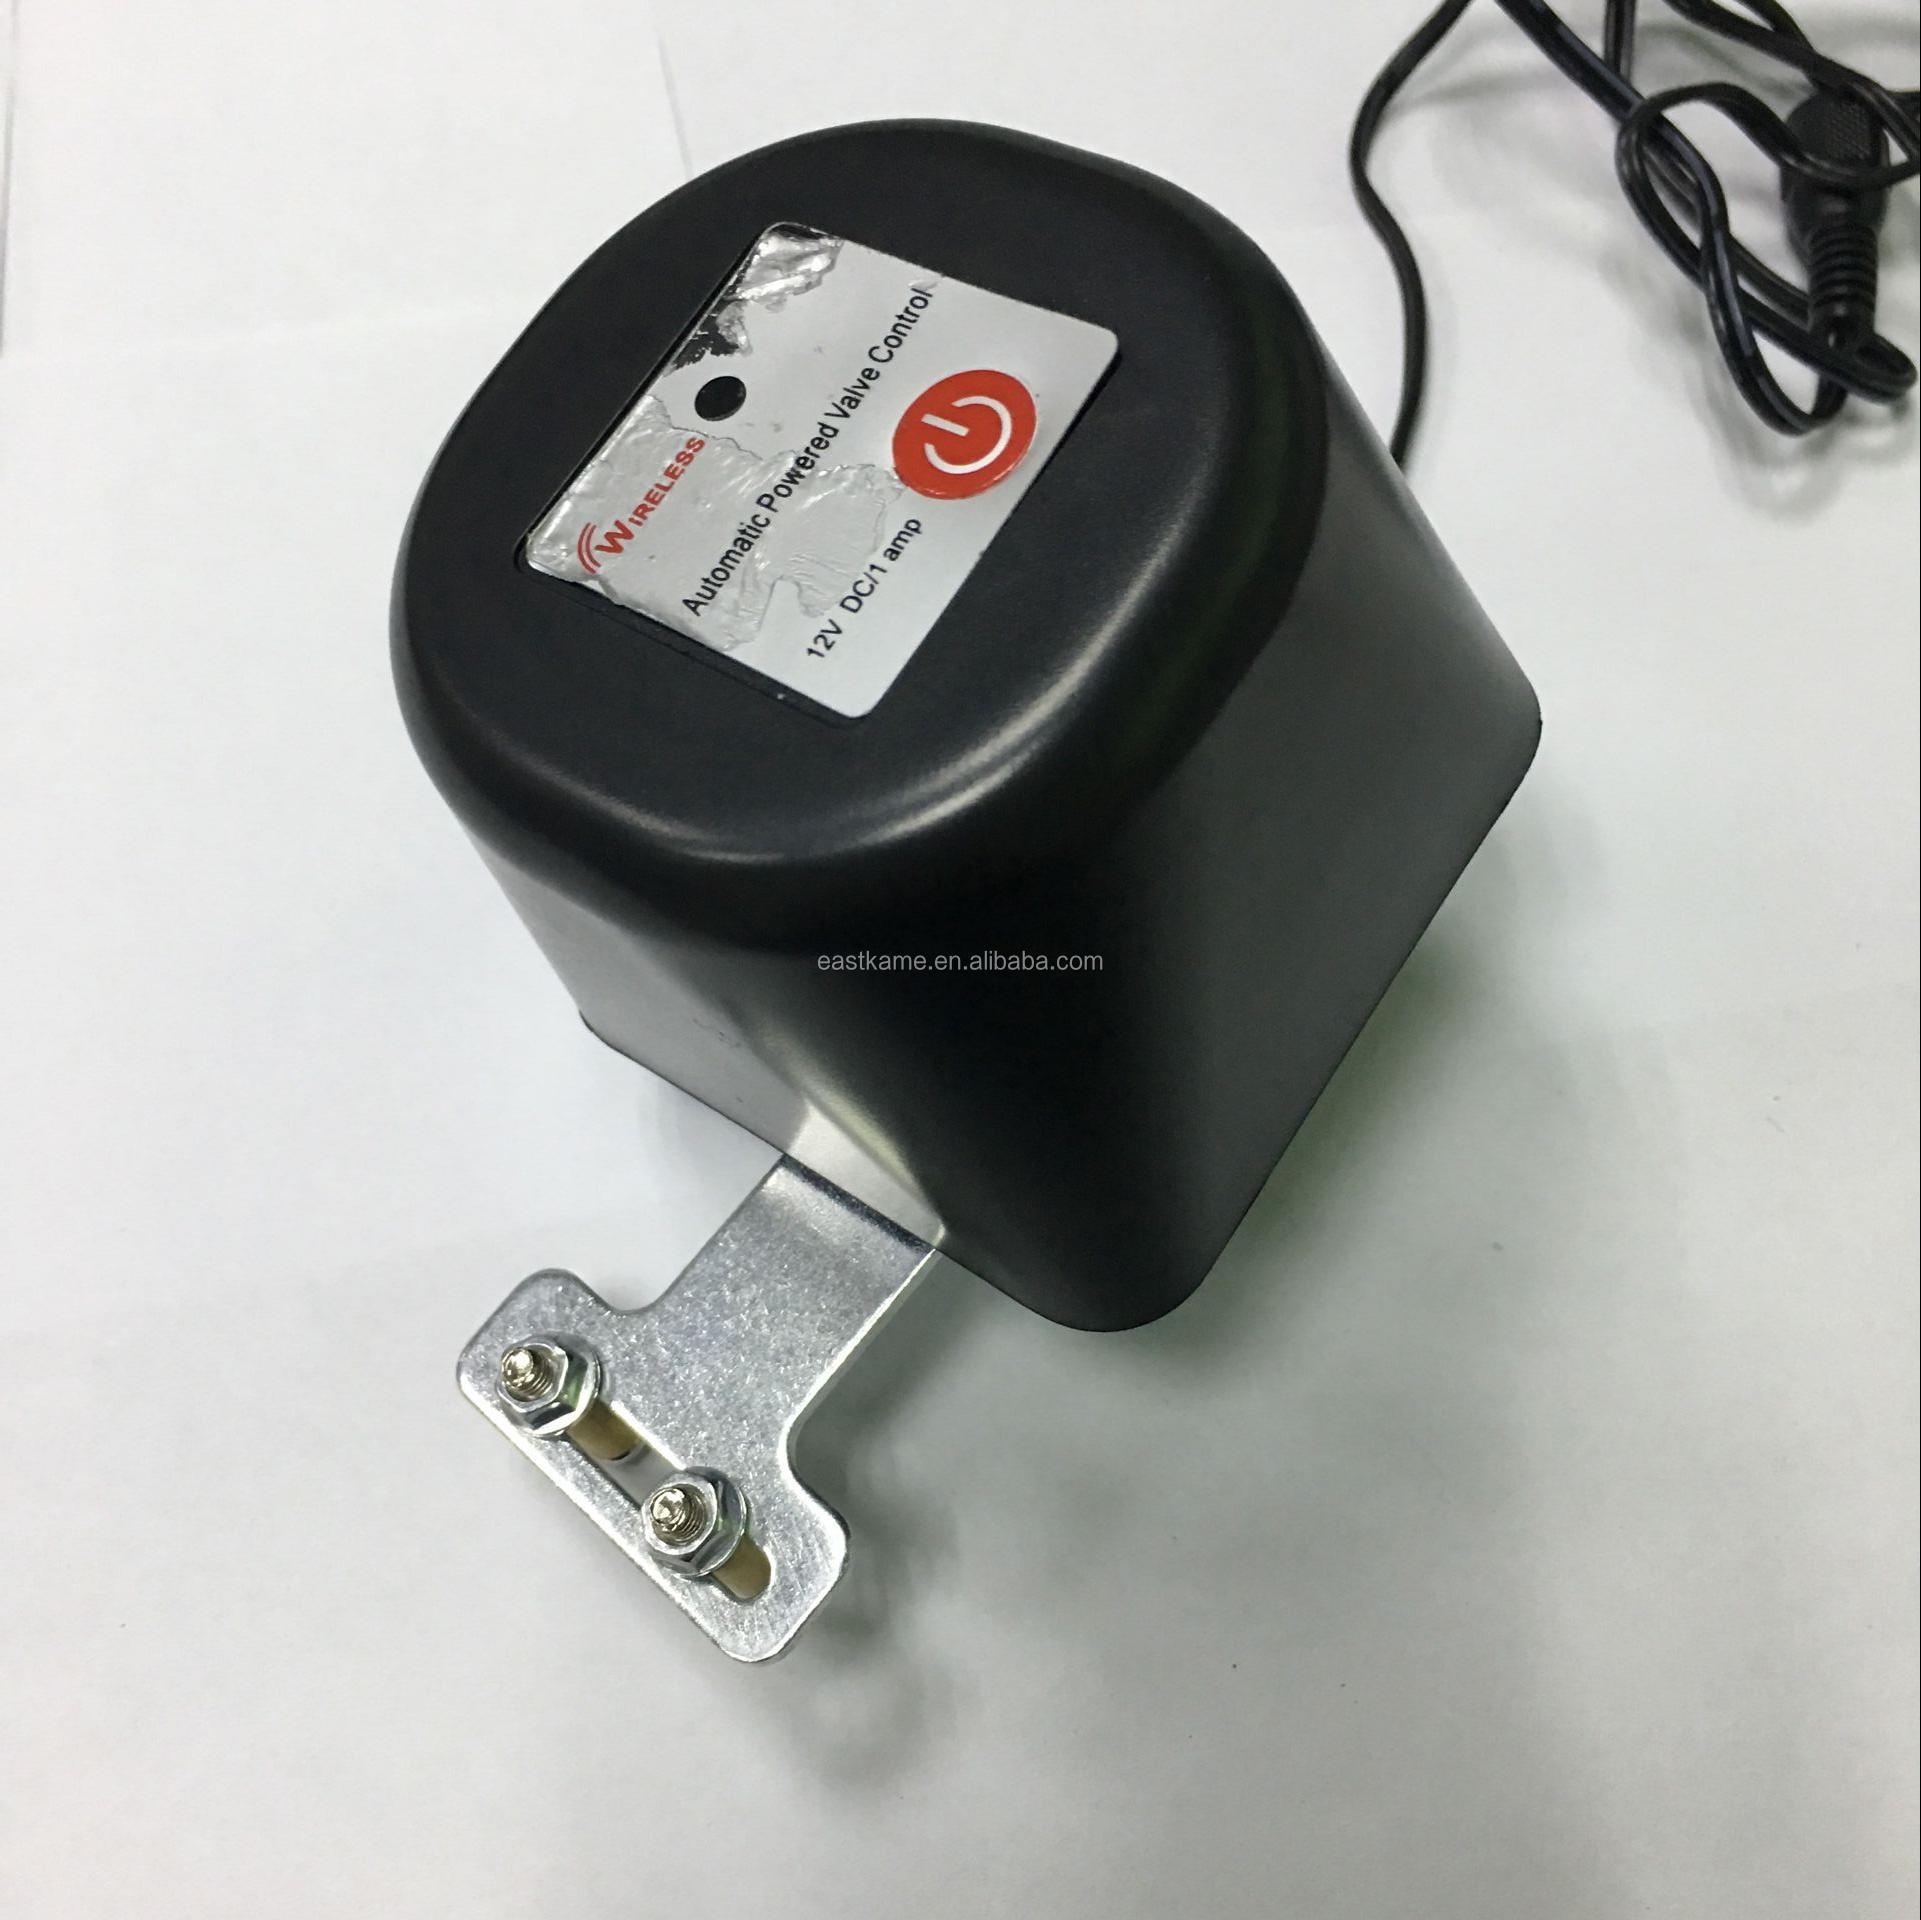 Eastkame Tuya Wifi Điều Khiển Van Nước/Gas Van Điều Khiển Từ Xa Điều Khiển Làm Việc Với Alexa Hoặc Google Nhà